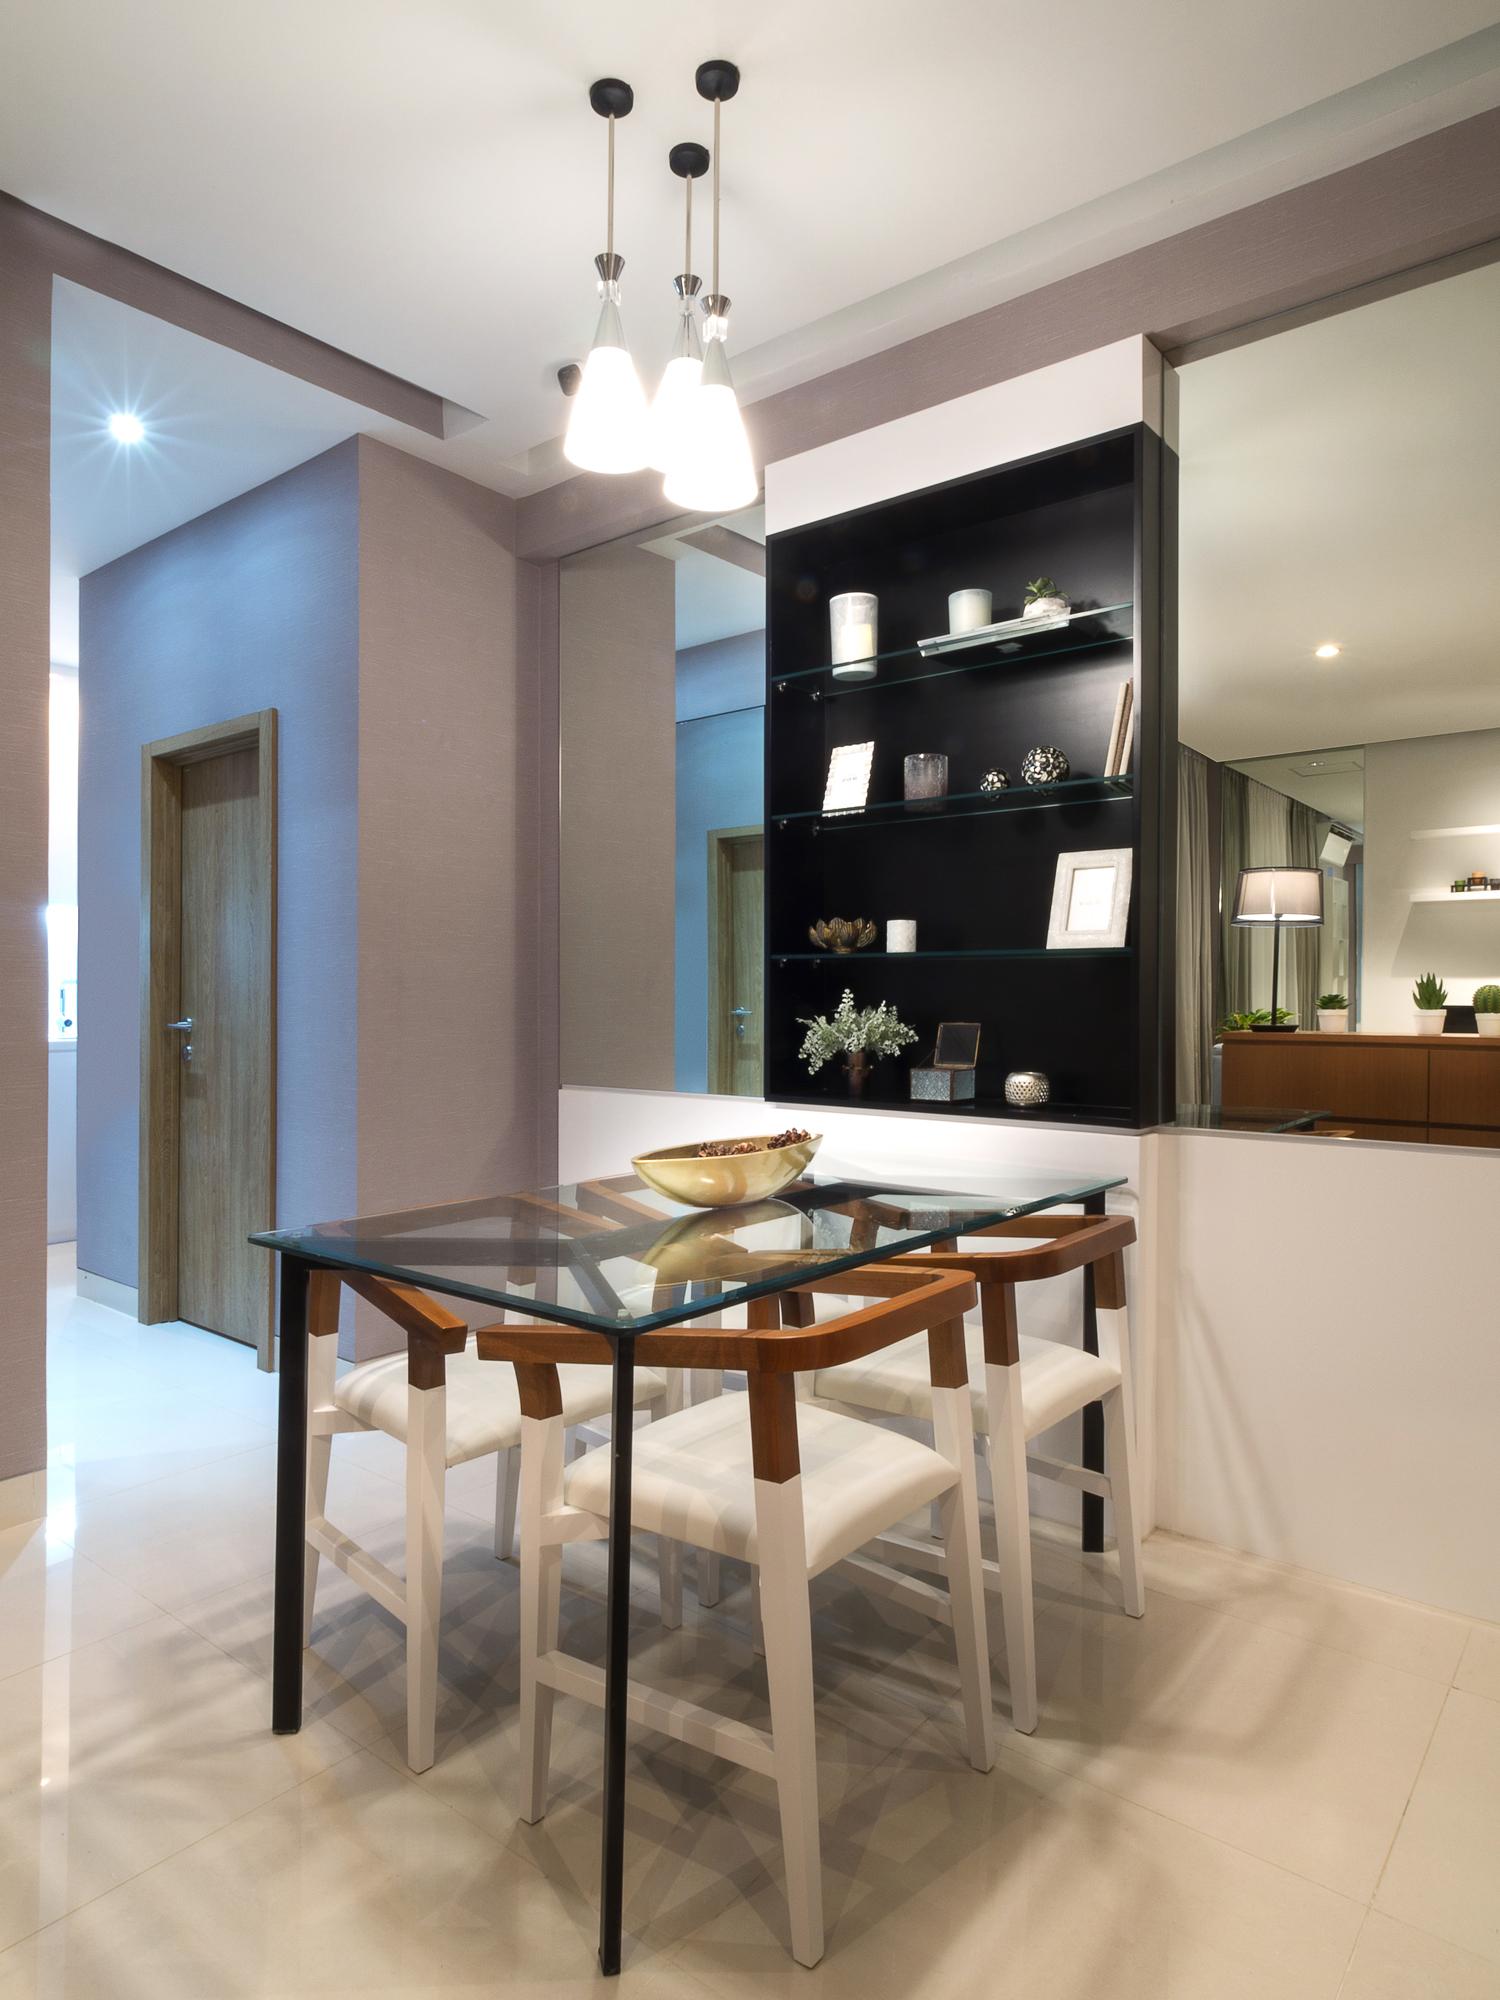 Savasa Panahome 7x12 Dining Room